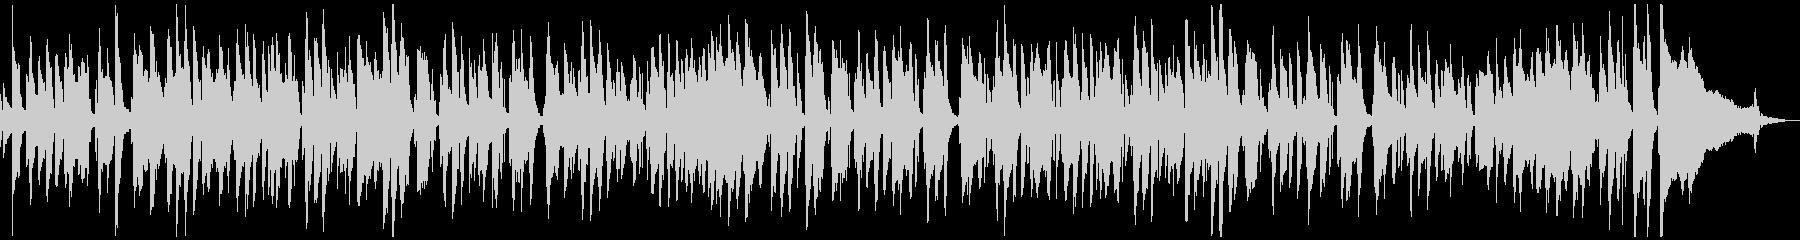 ピアノジャズのオシャレな「たなばたさま」の未再生の波形